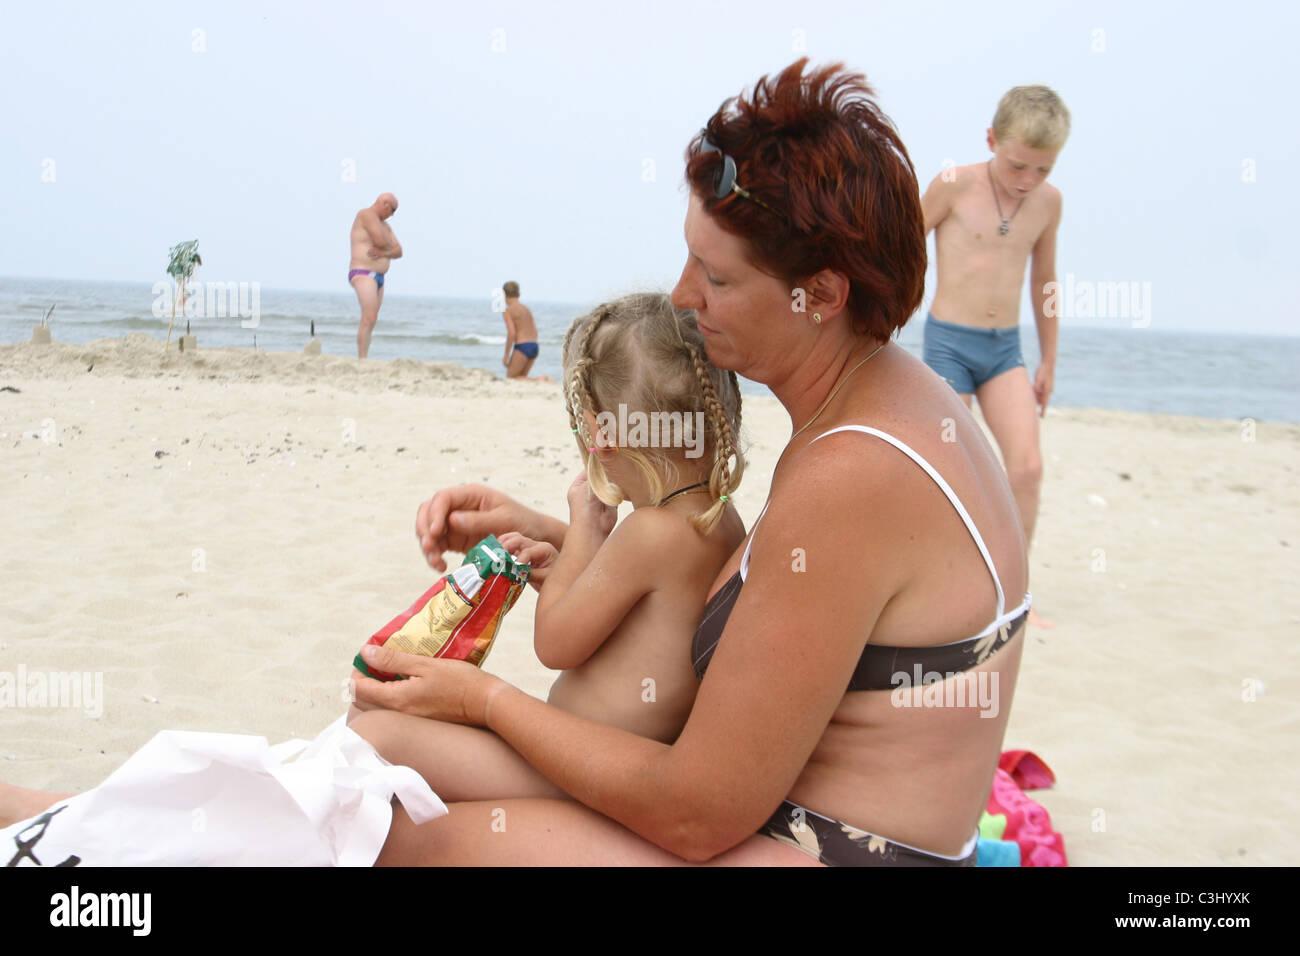 Donna adulta sovrappeso in bikini in spiaggia alimentazione di sua figlia il cibo spazzatura patatine in spiaggia. Immagini Stock